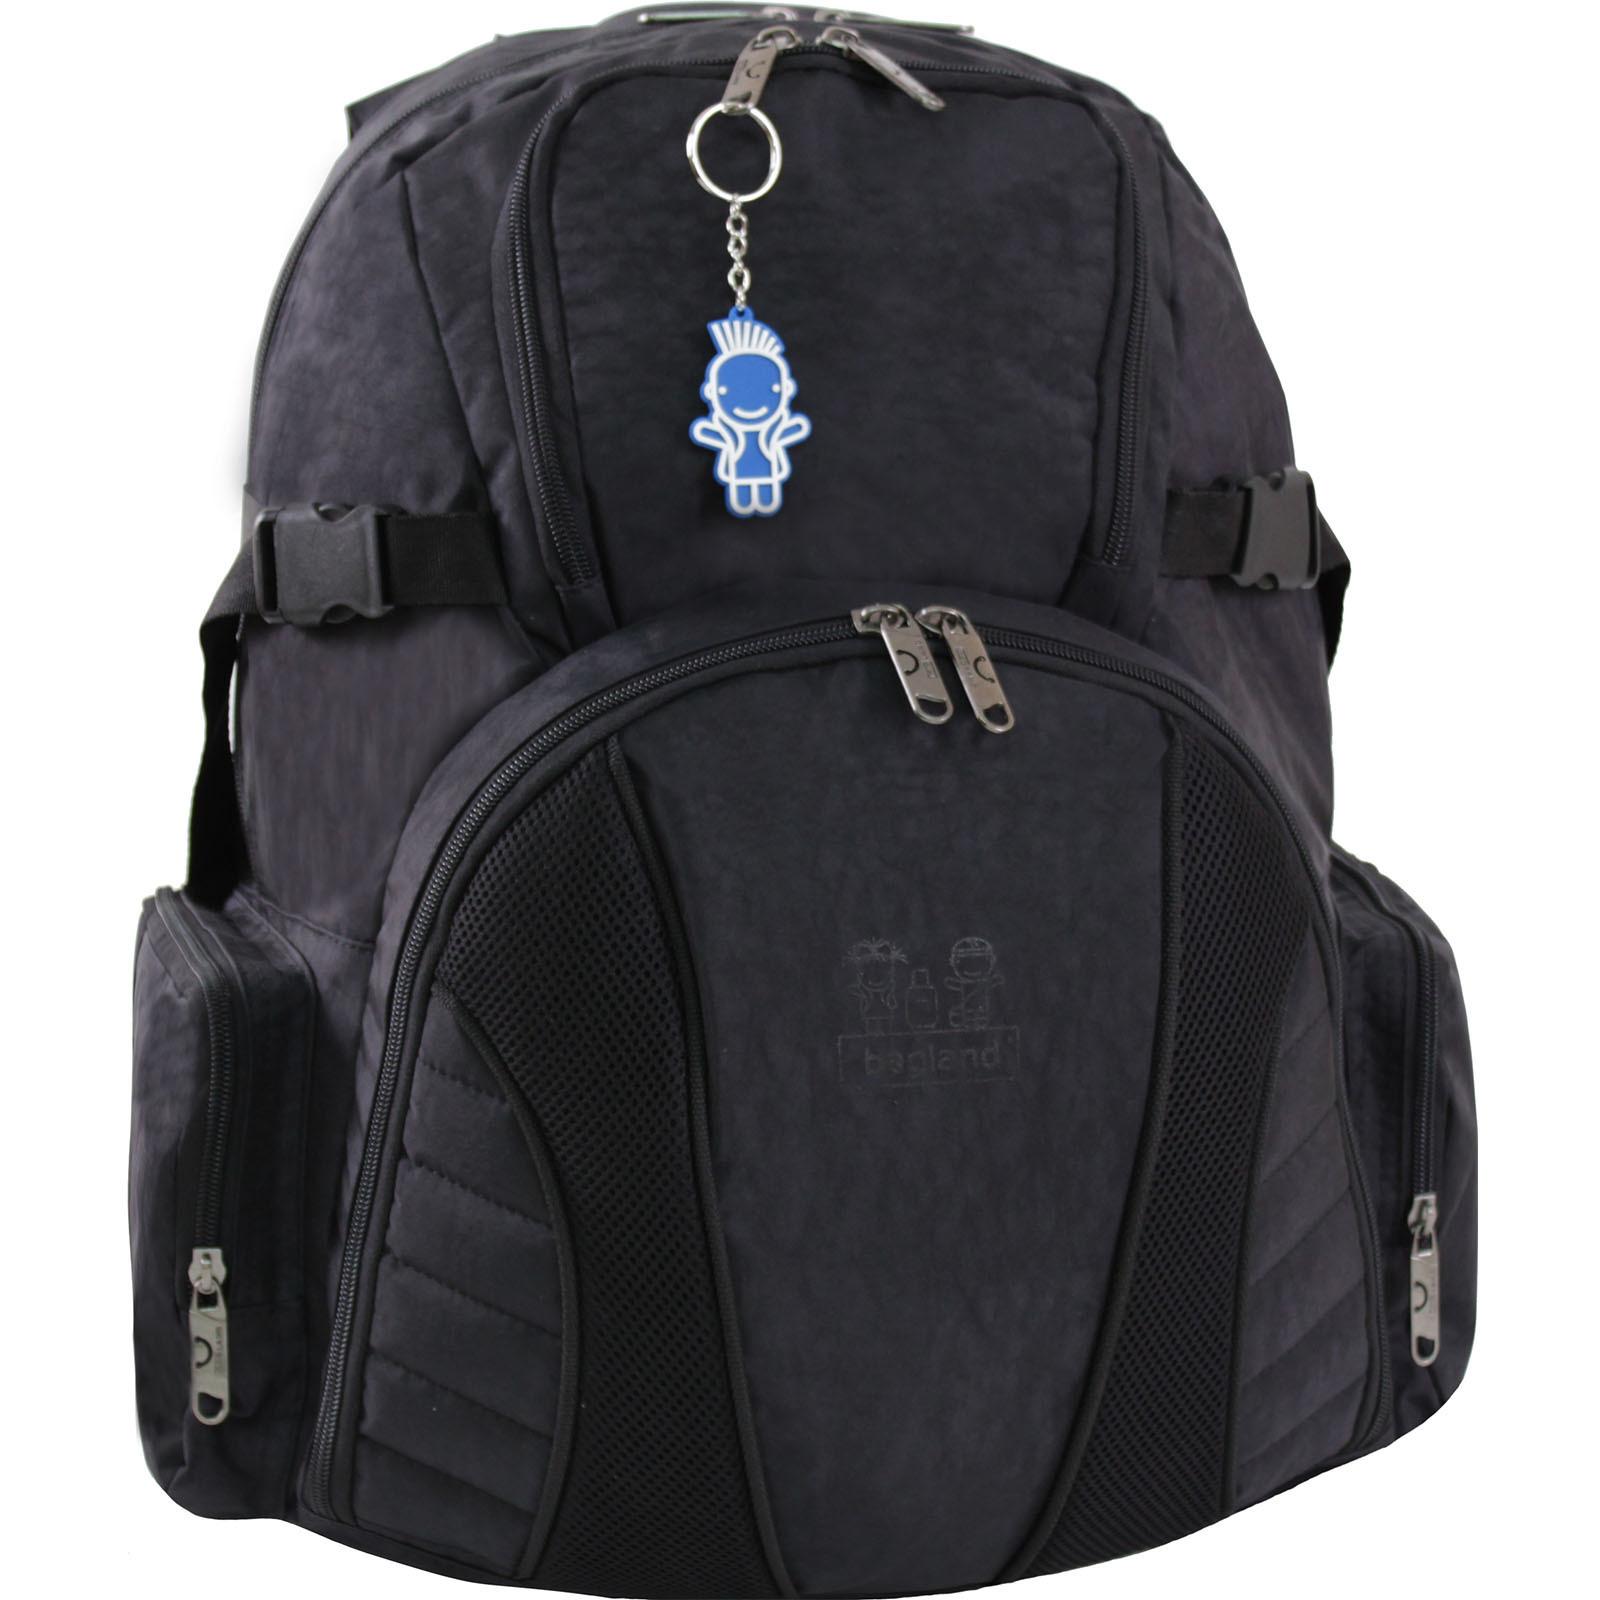 Городские рюкзаки Рюкзак Bagland Звезда 35 л. Чёрный (0018870) IMG_1271.JPG